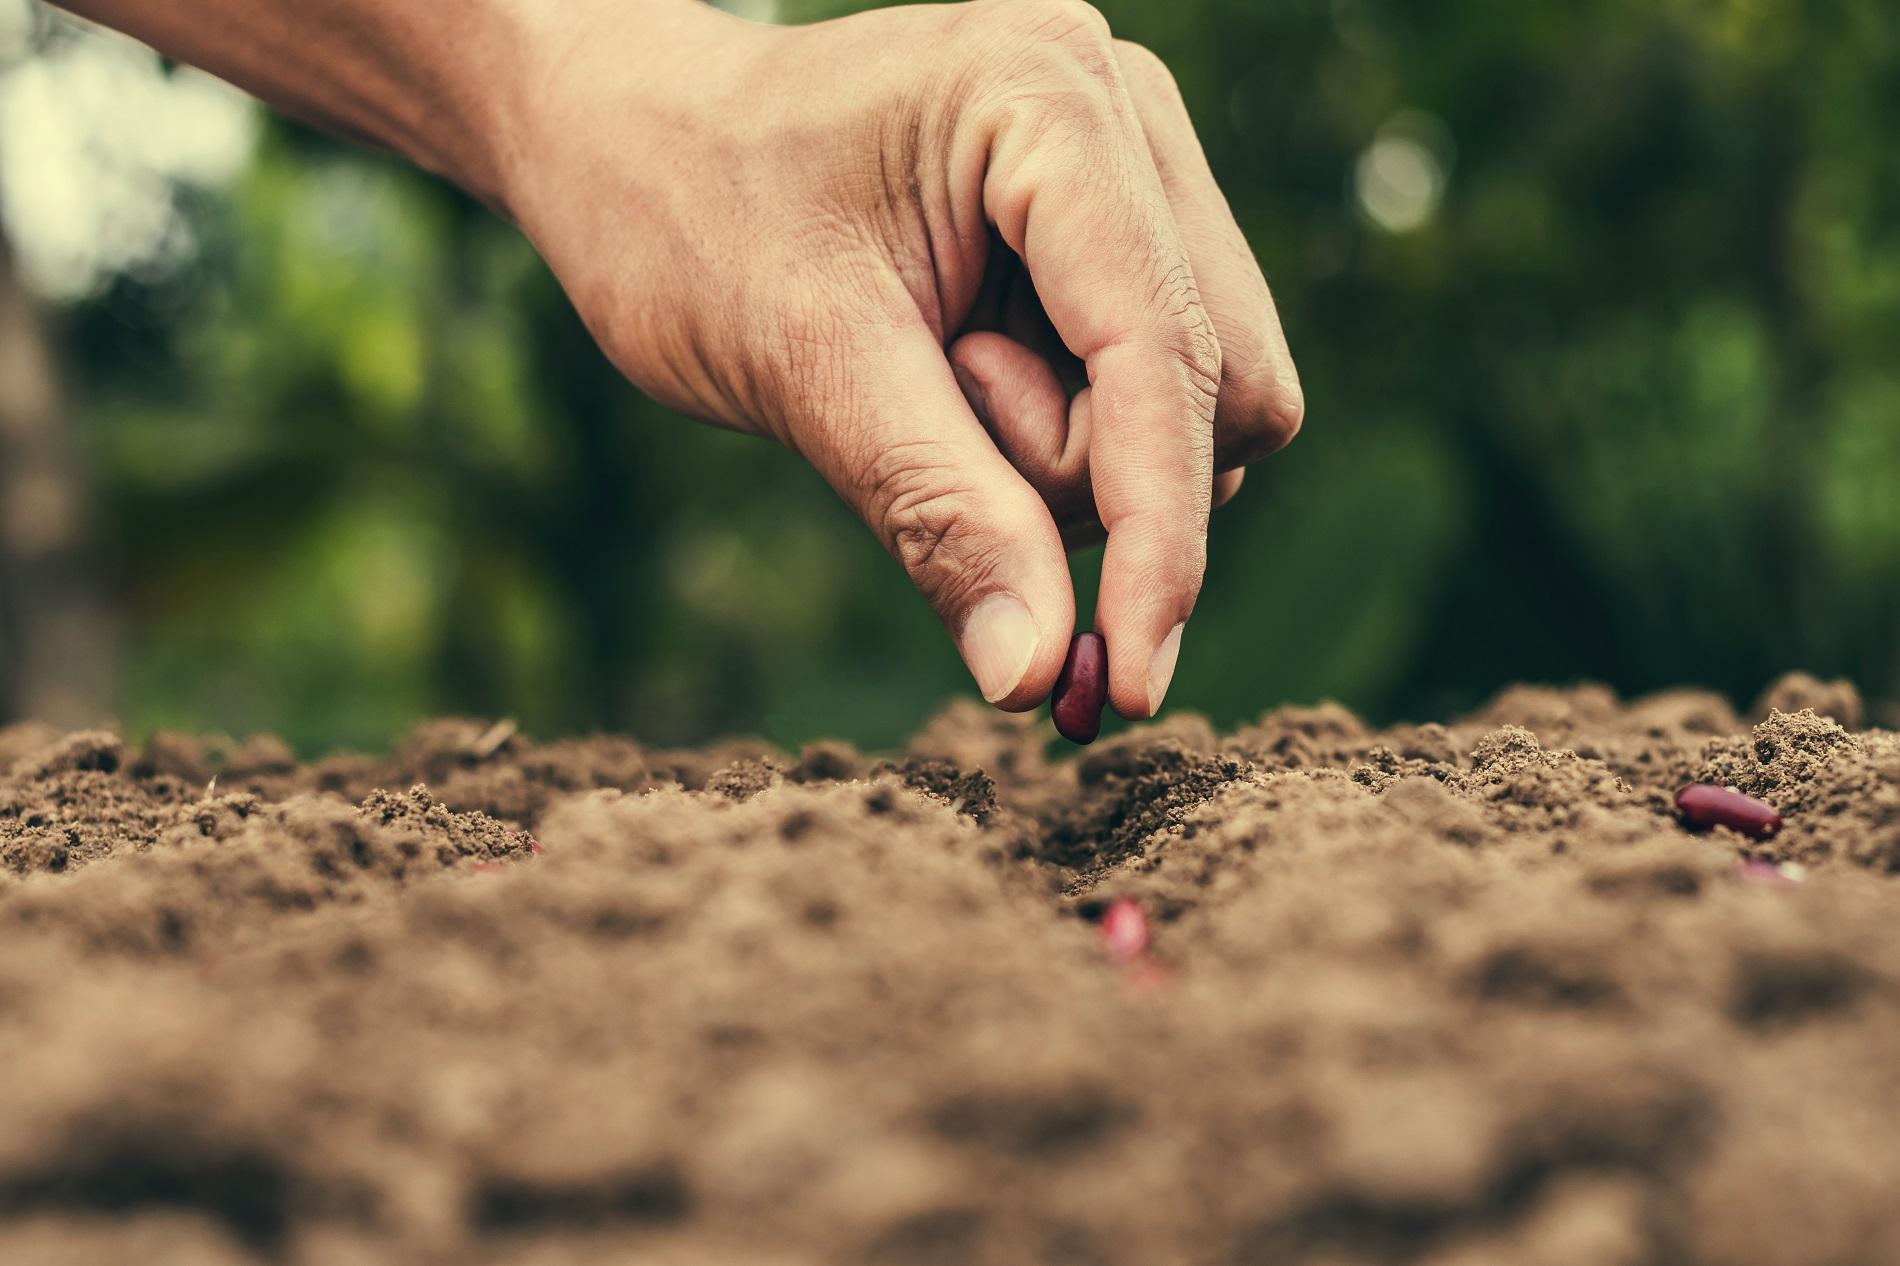 ¿Qué tipos de siembra puedes realizar en tu huerto doméstico?